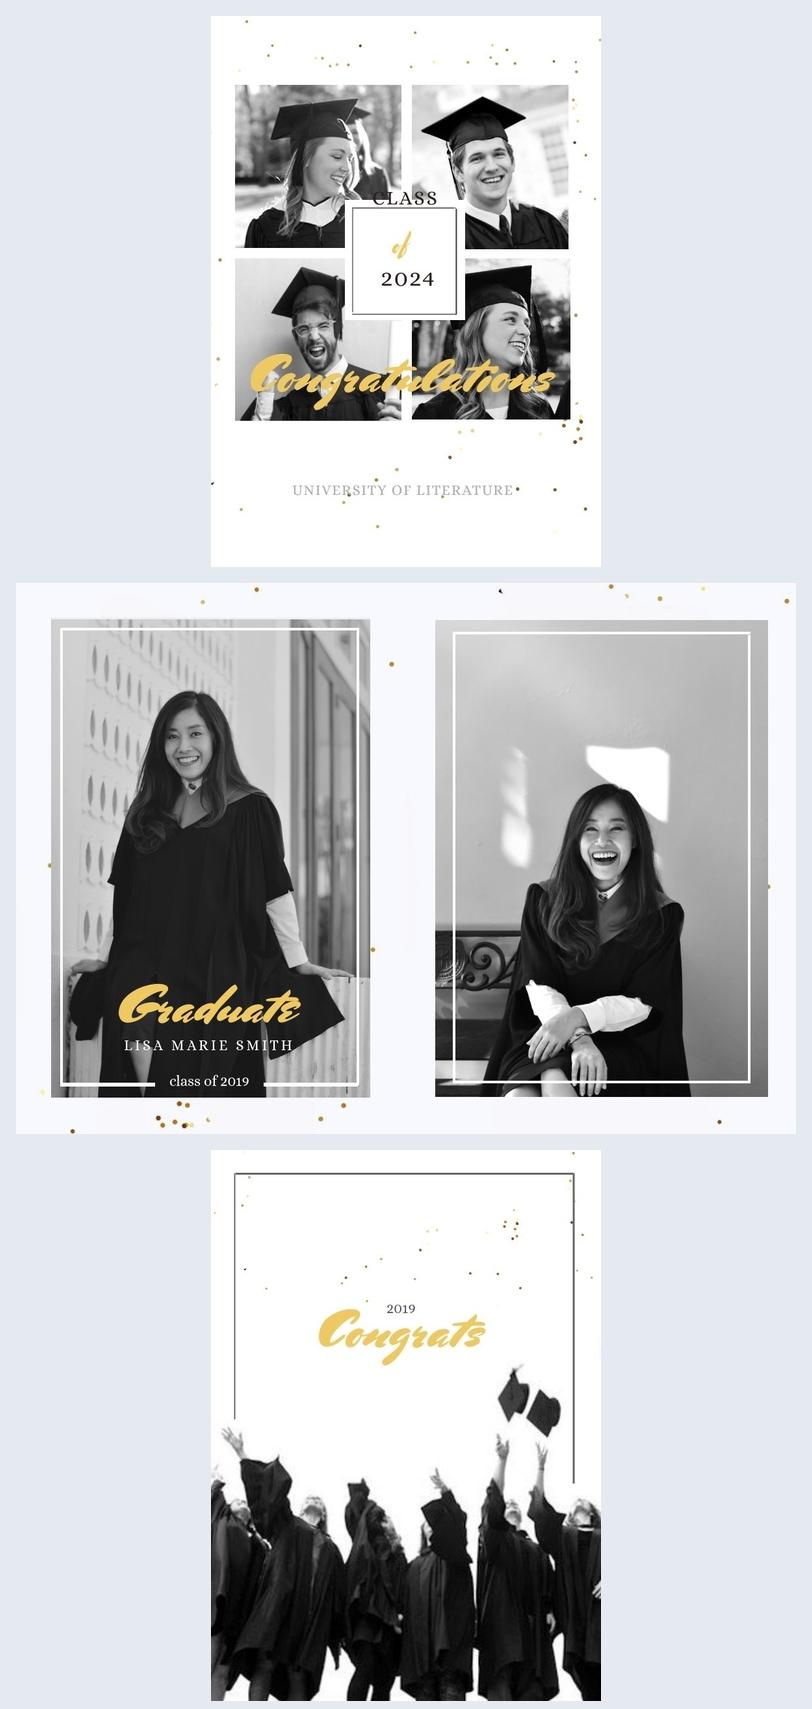 University Graduation Photo Album Design